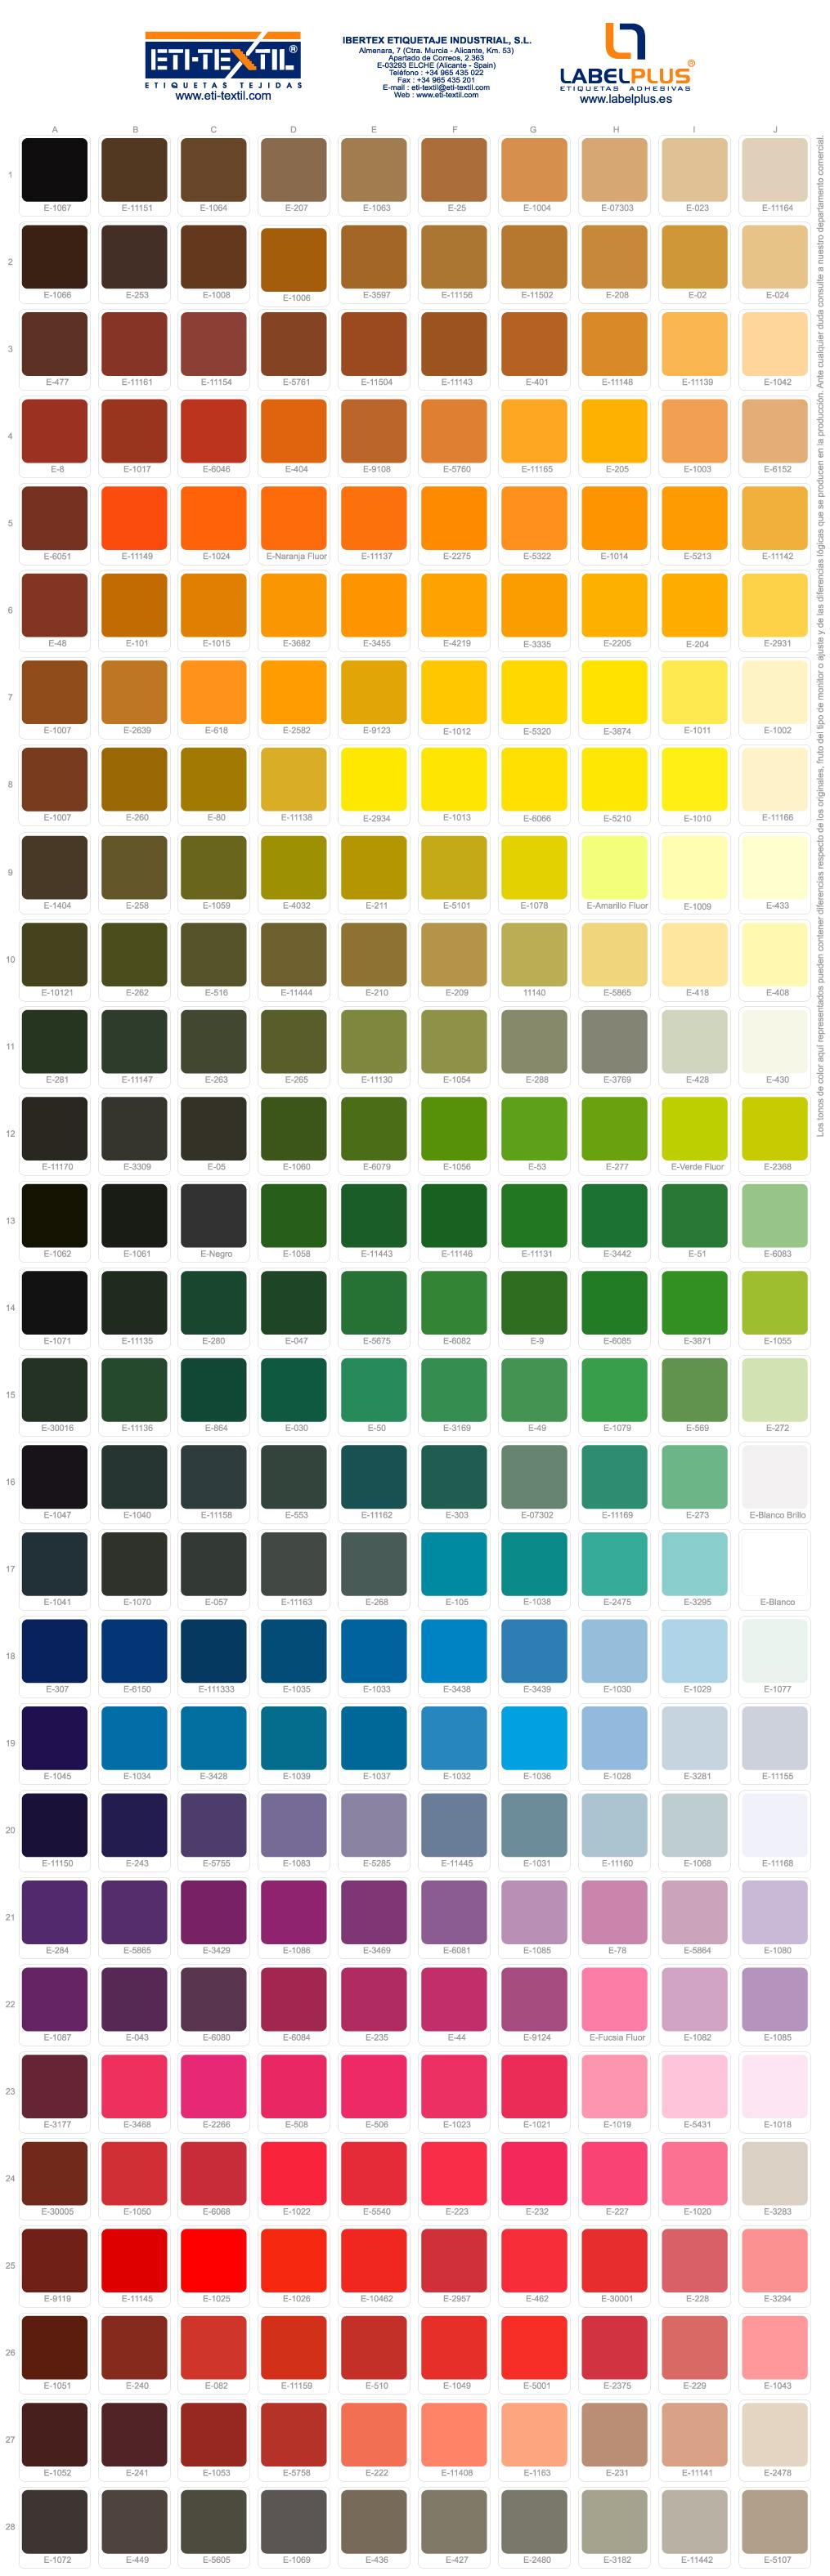 Catlogo de colores  ETITEXTIL